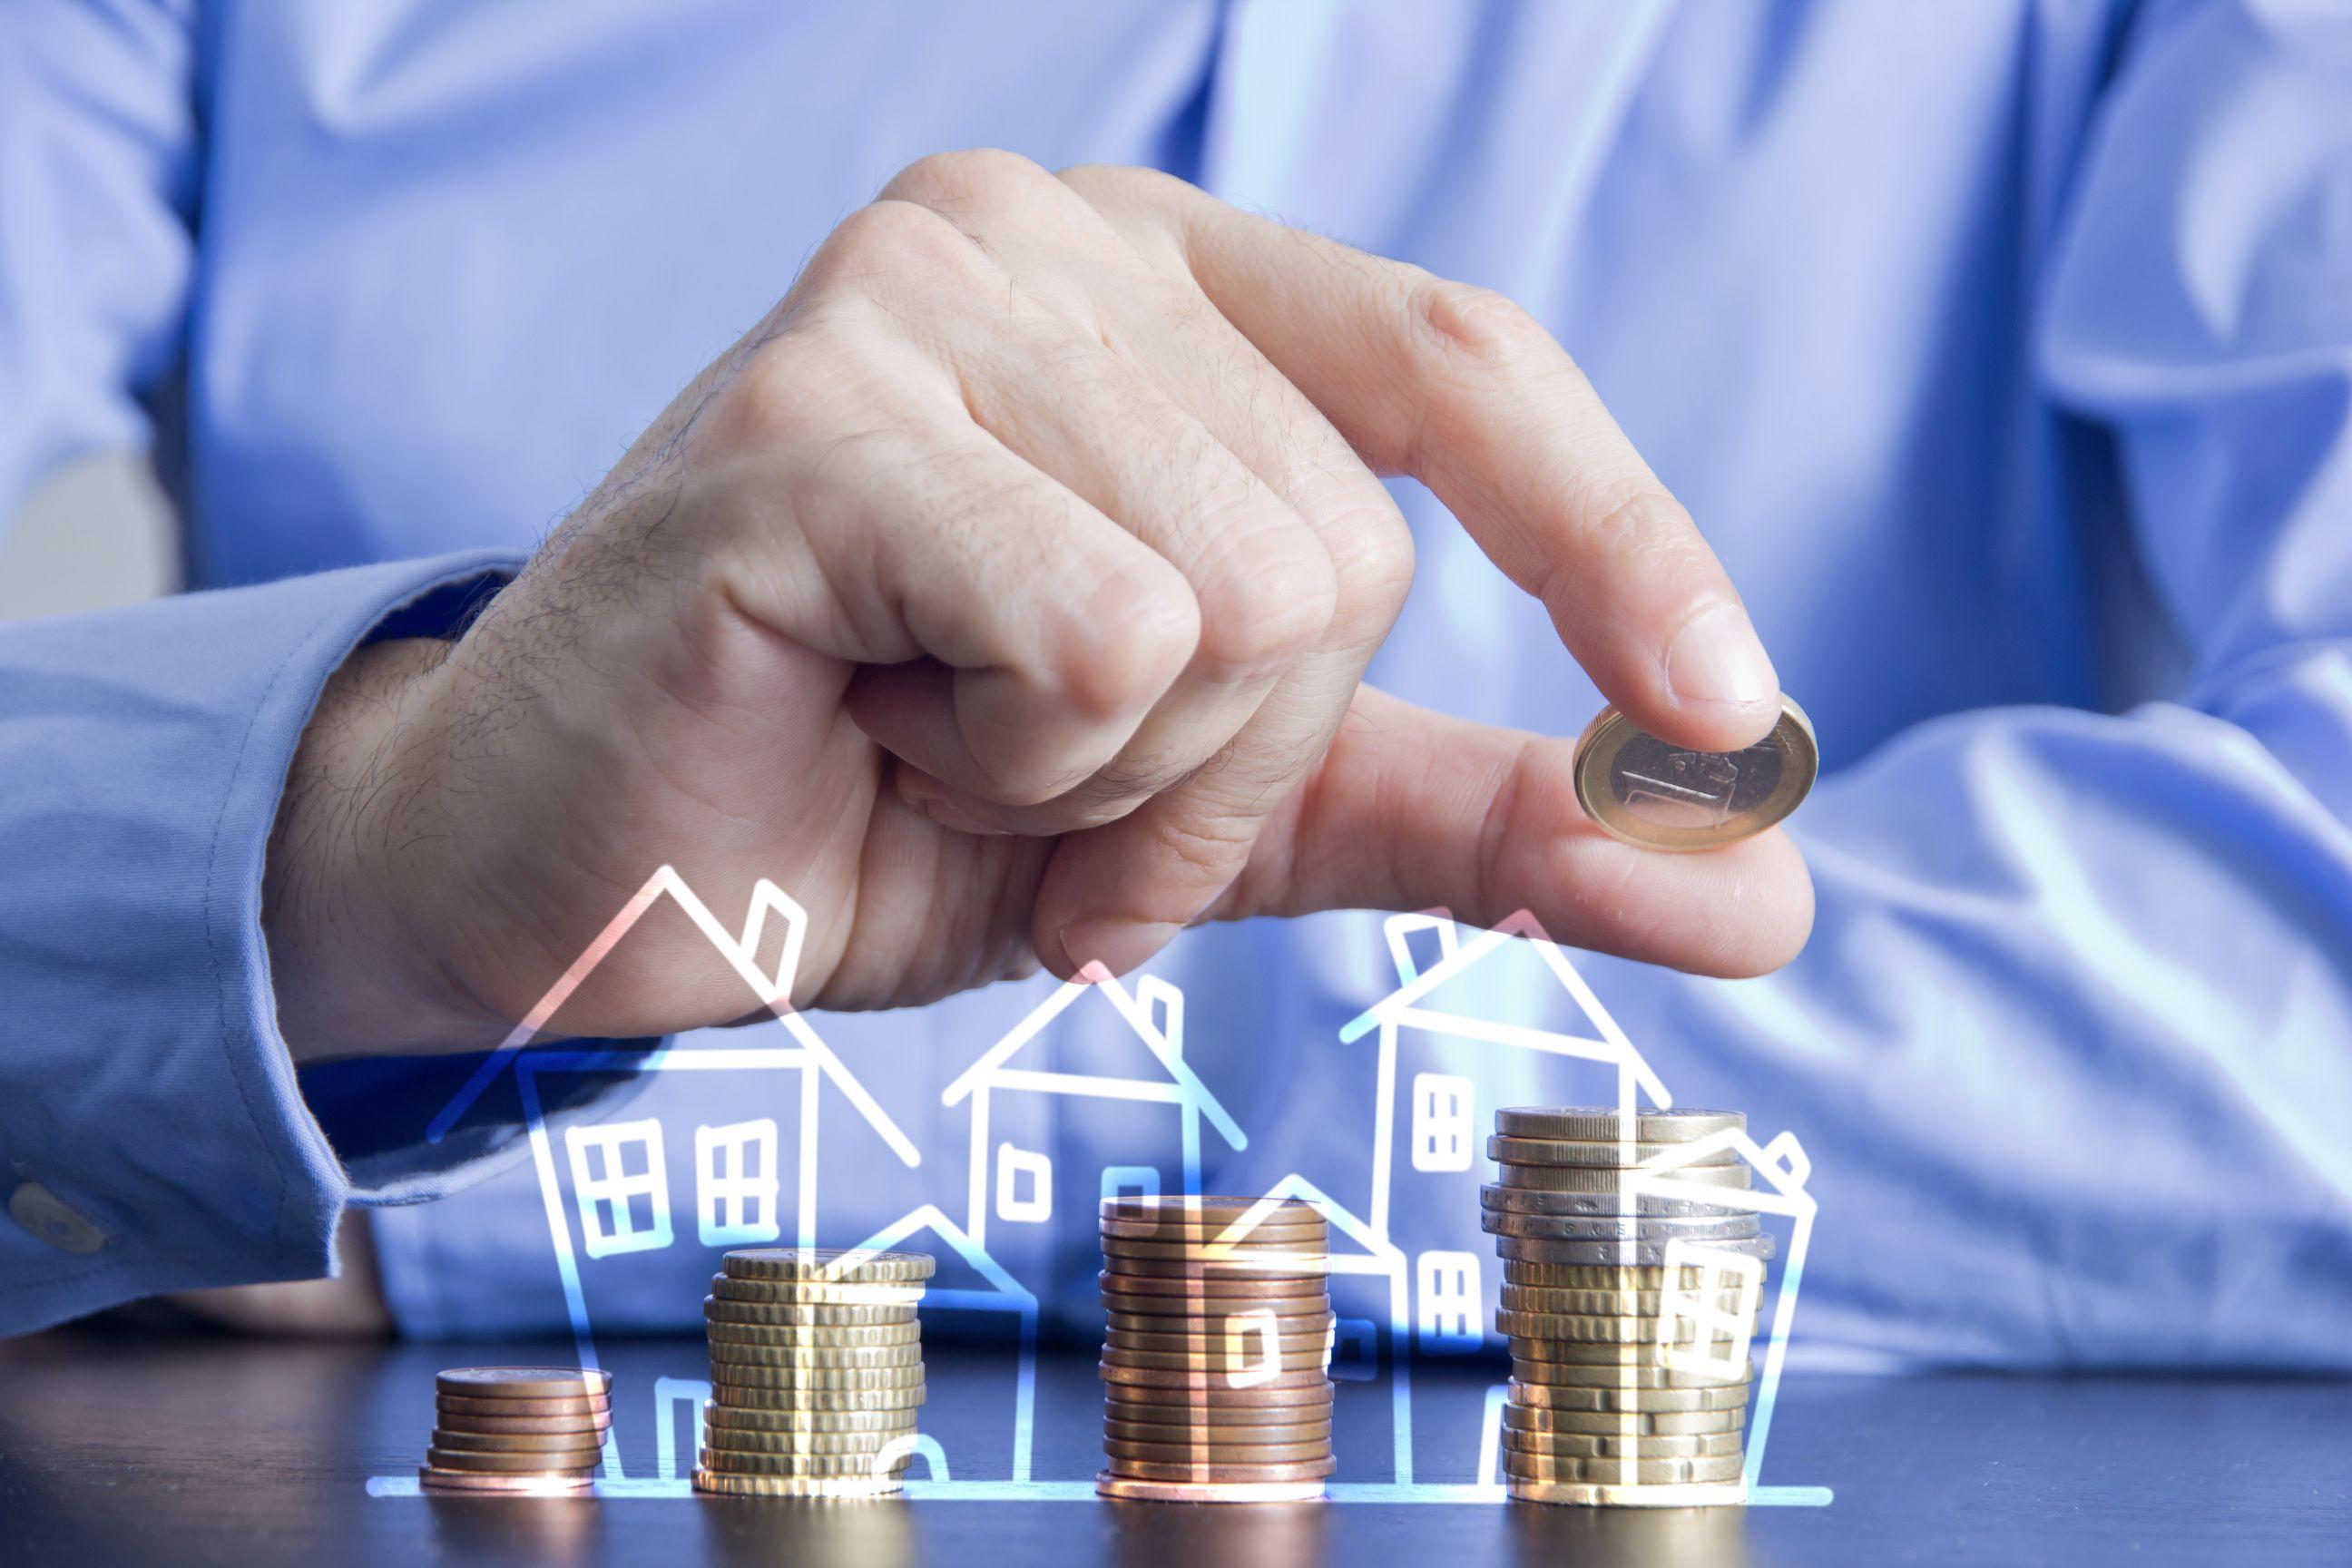 investissement immobilier quebec